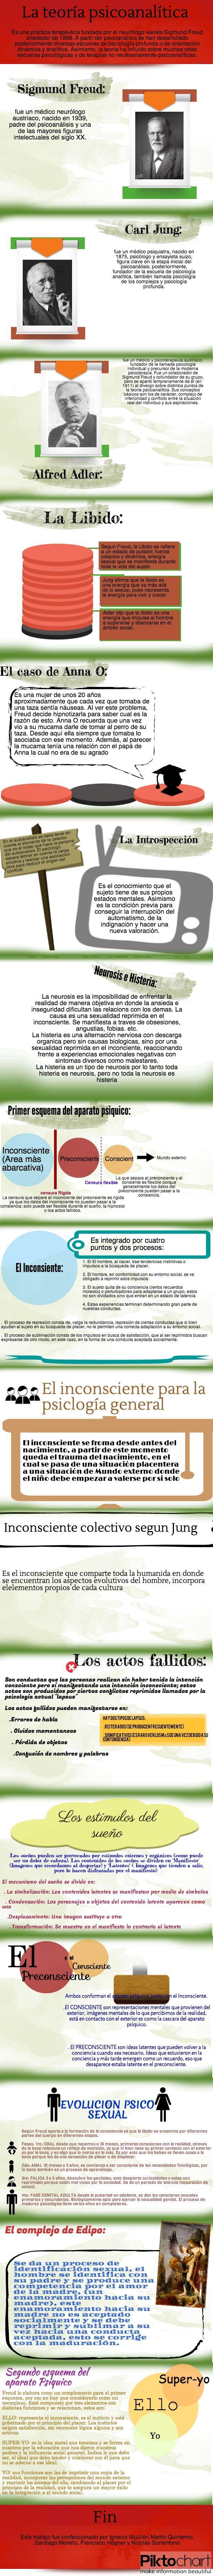 Infografia Sobre La Psicoterapia Psicologia Psicologia